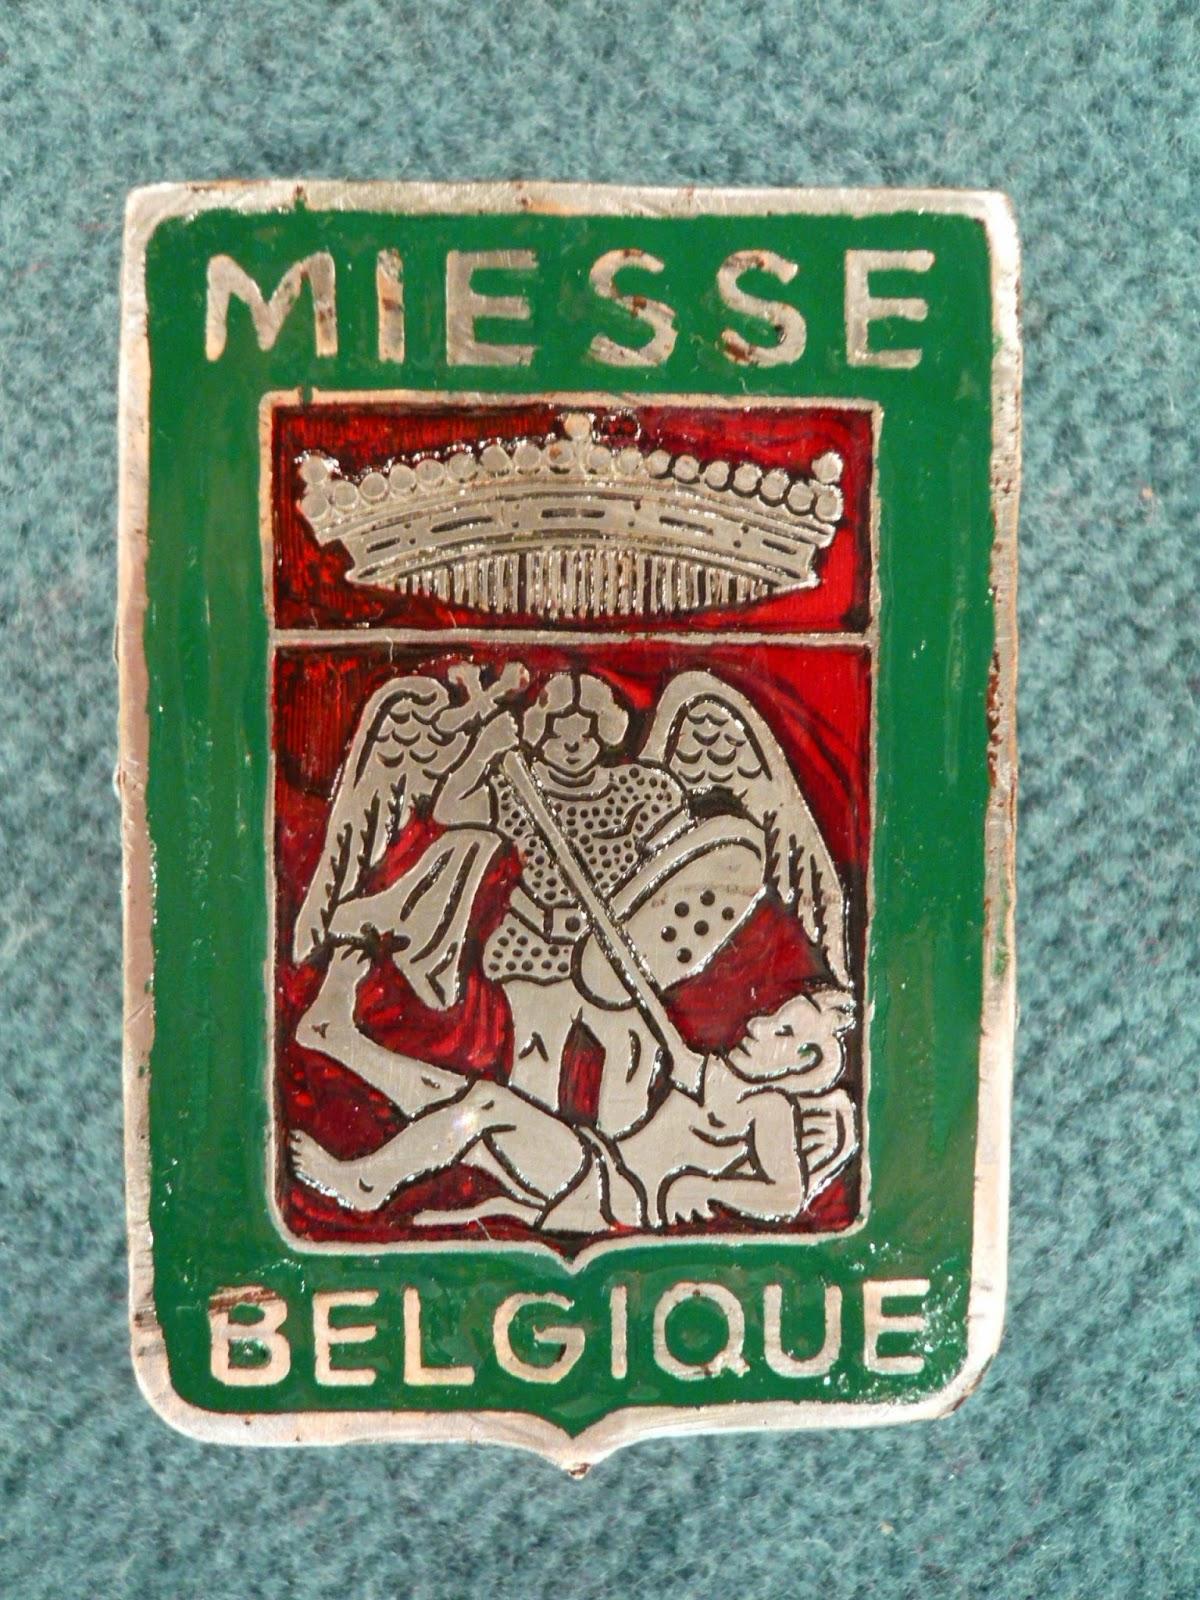 1920-miesse-belge-belgique-vintage-bus-oldtimer